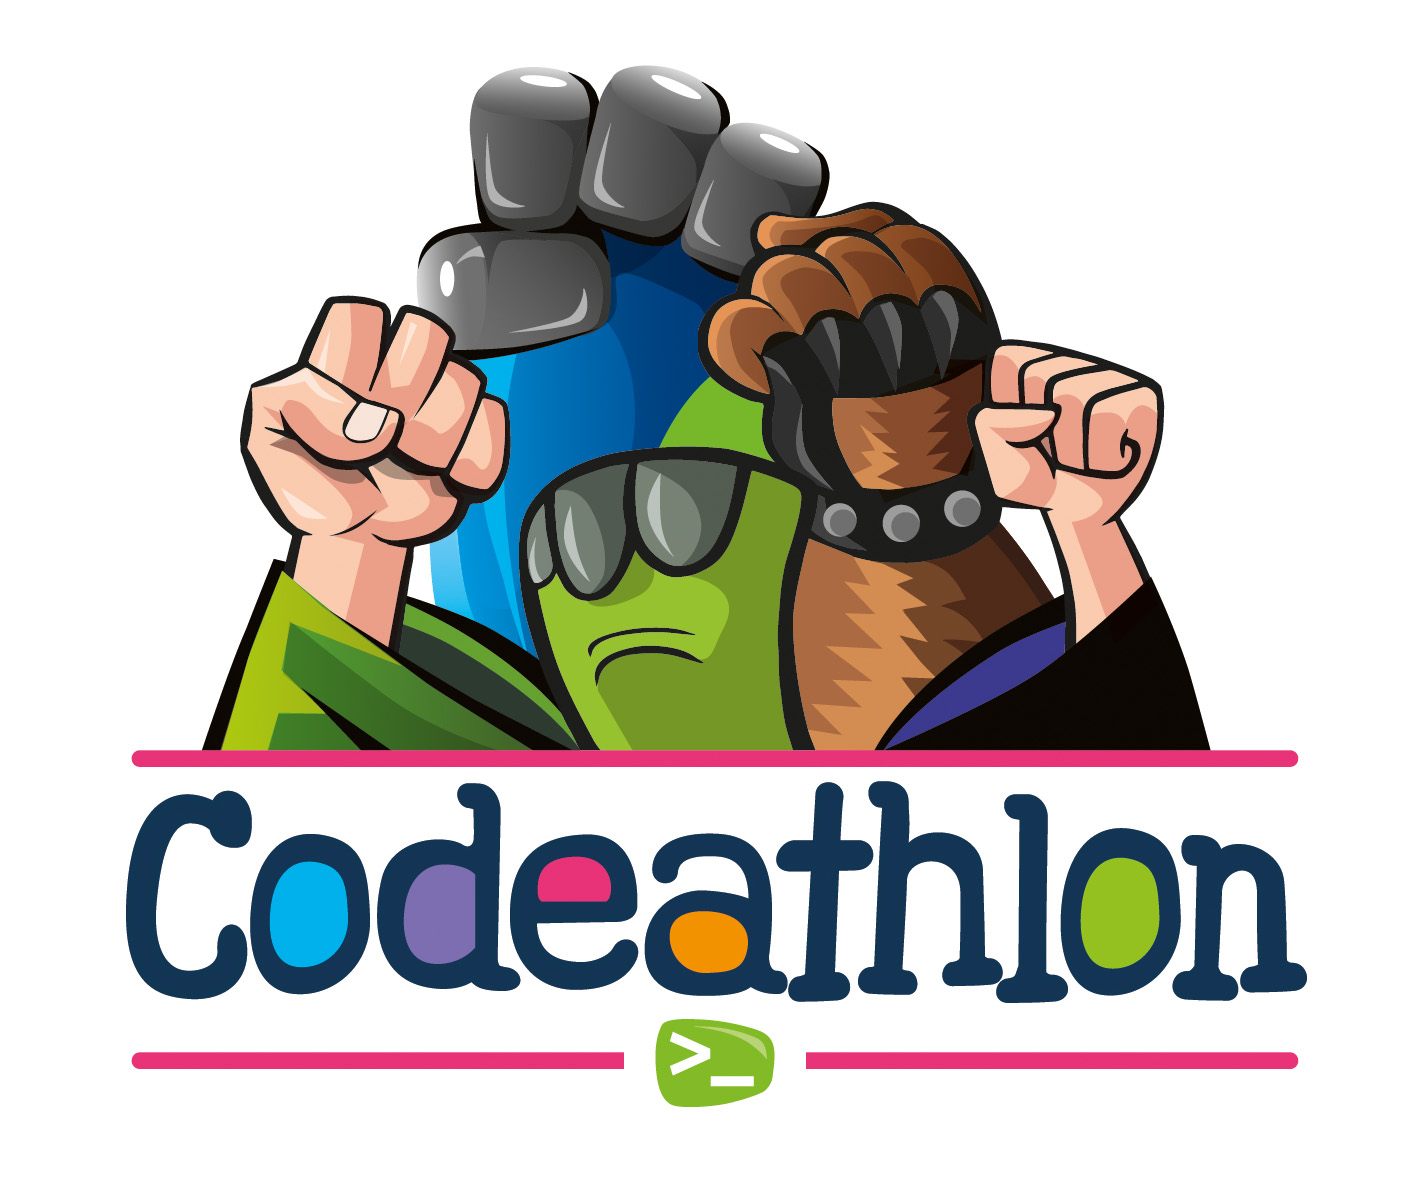 Guanyadors de la Codeathlon Summer Edition